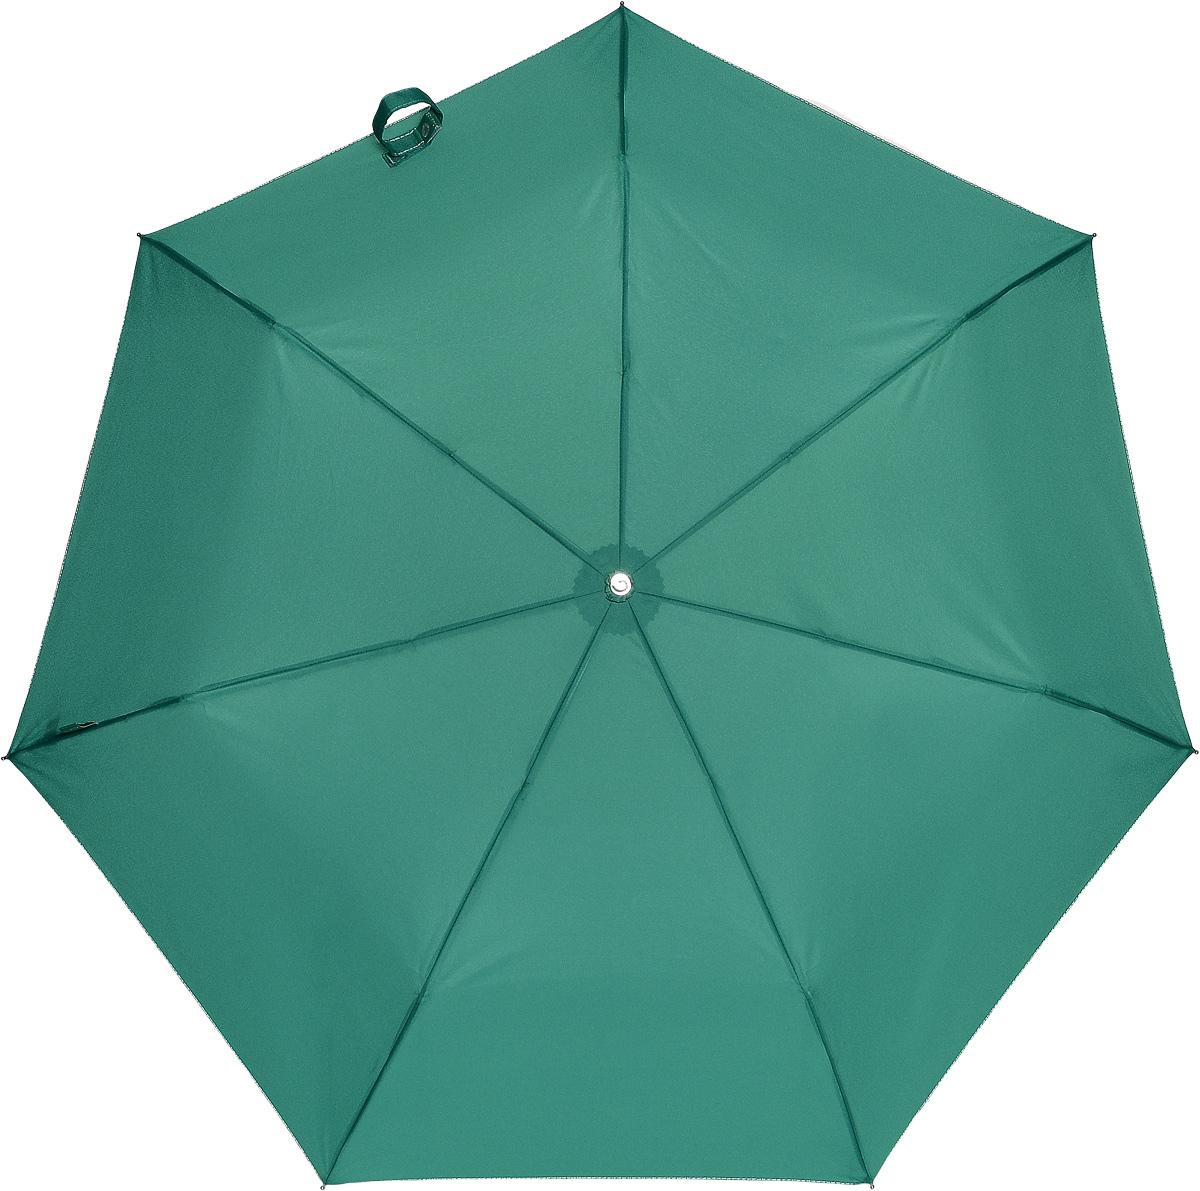 Bisetti 3580-3 Зонт полный автом. 3 сл. жен.3580-3Зонт испанского производителя Clima. В производстве зонтов используются современные материалы, что делает зонты легкими, но в то же время крепкими.Полный автомат, 3 сложения, 8 спиц по 54см, полиэстер.